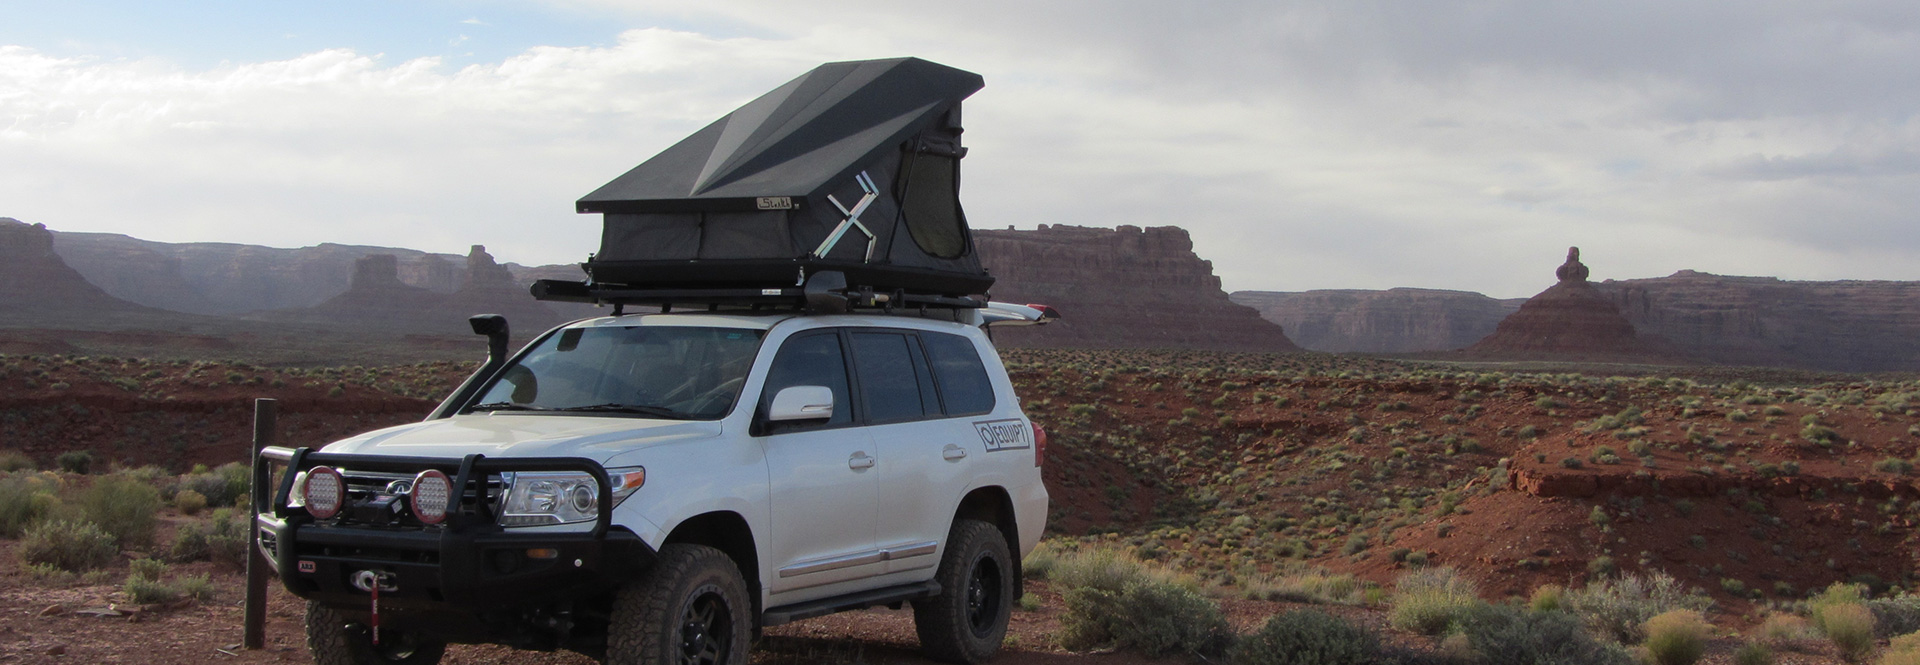 Eezi Awn daktent Grand Canyon